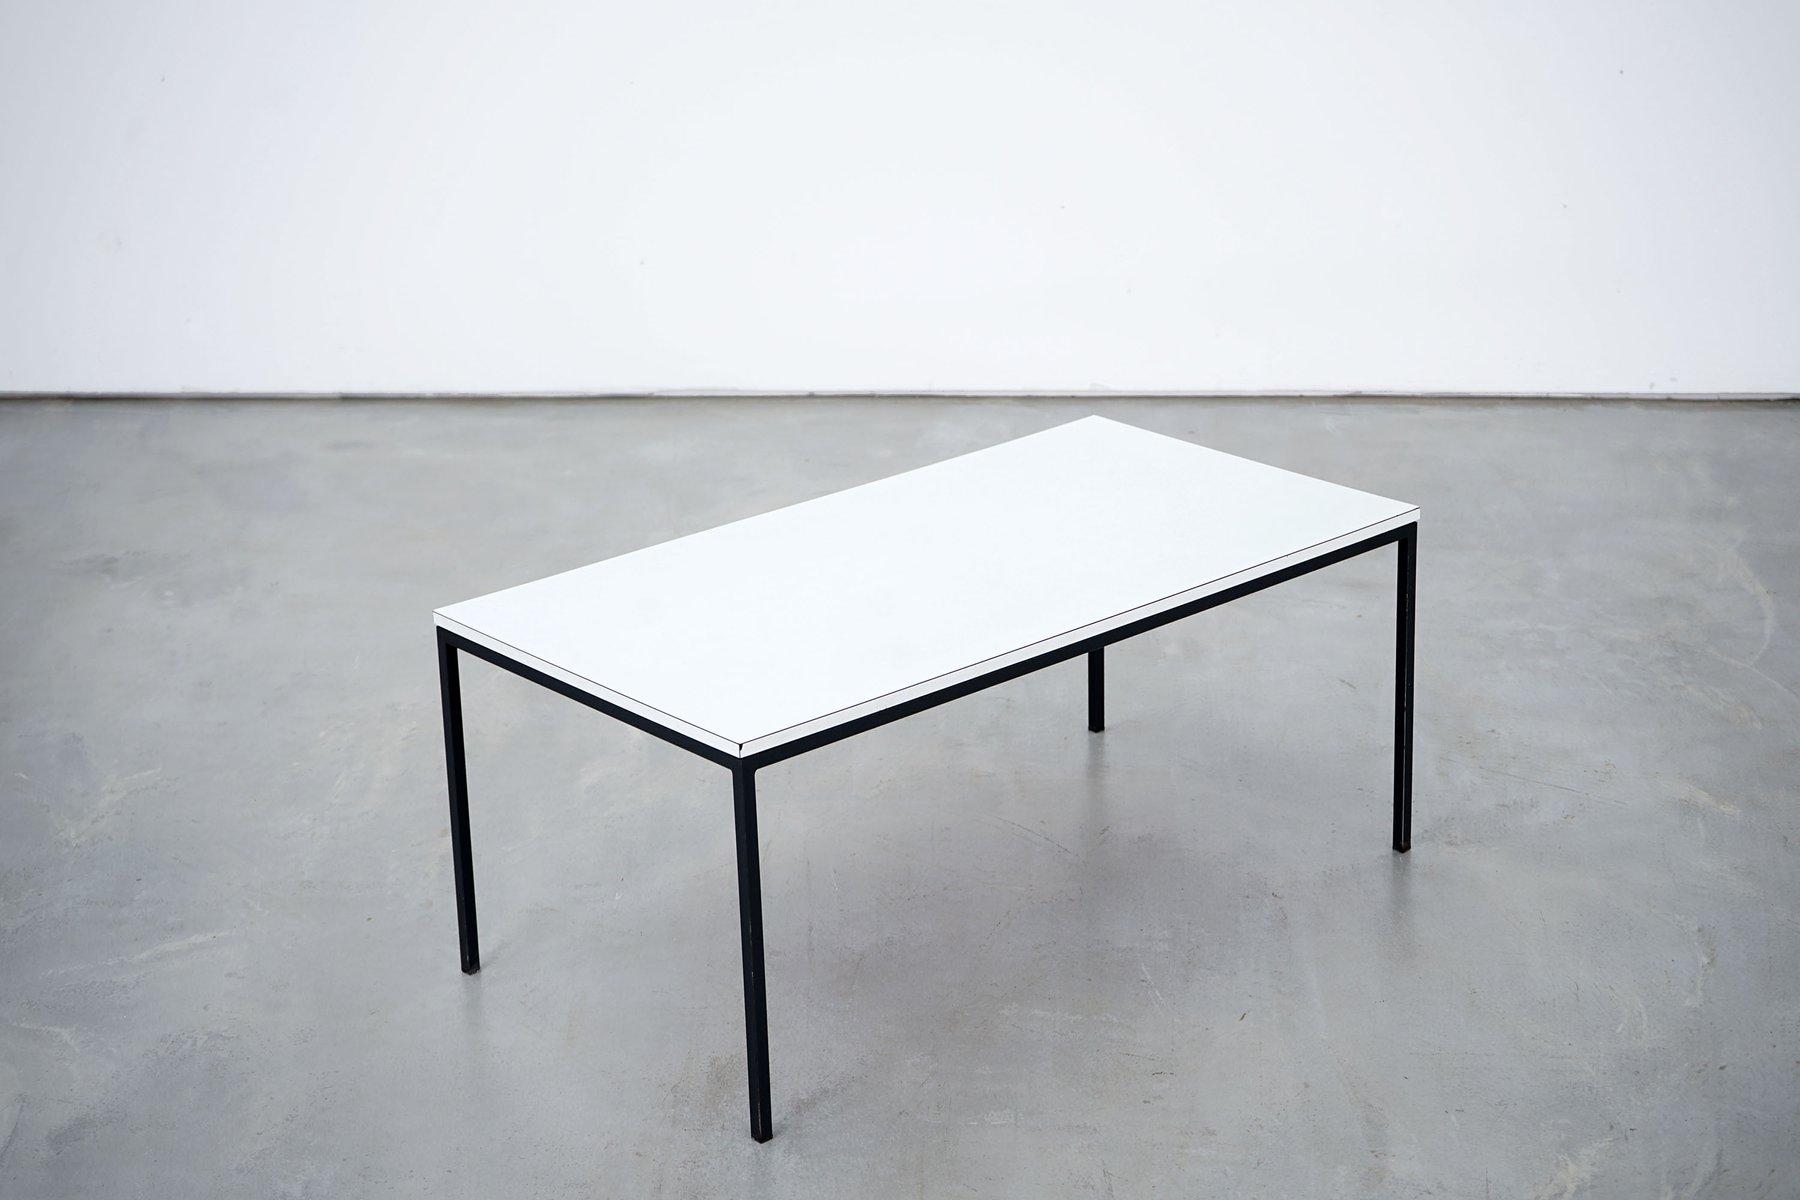 couchtisch mit resopal platte 1960er bei pamono kaufen. Black Bedroom Furniture Sets. Home Design Ideas